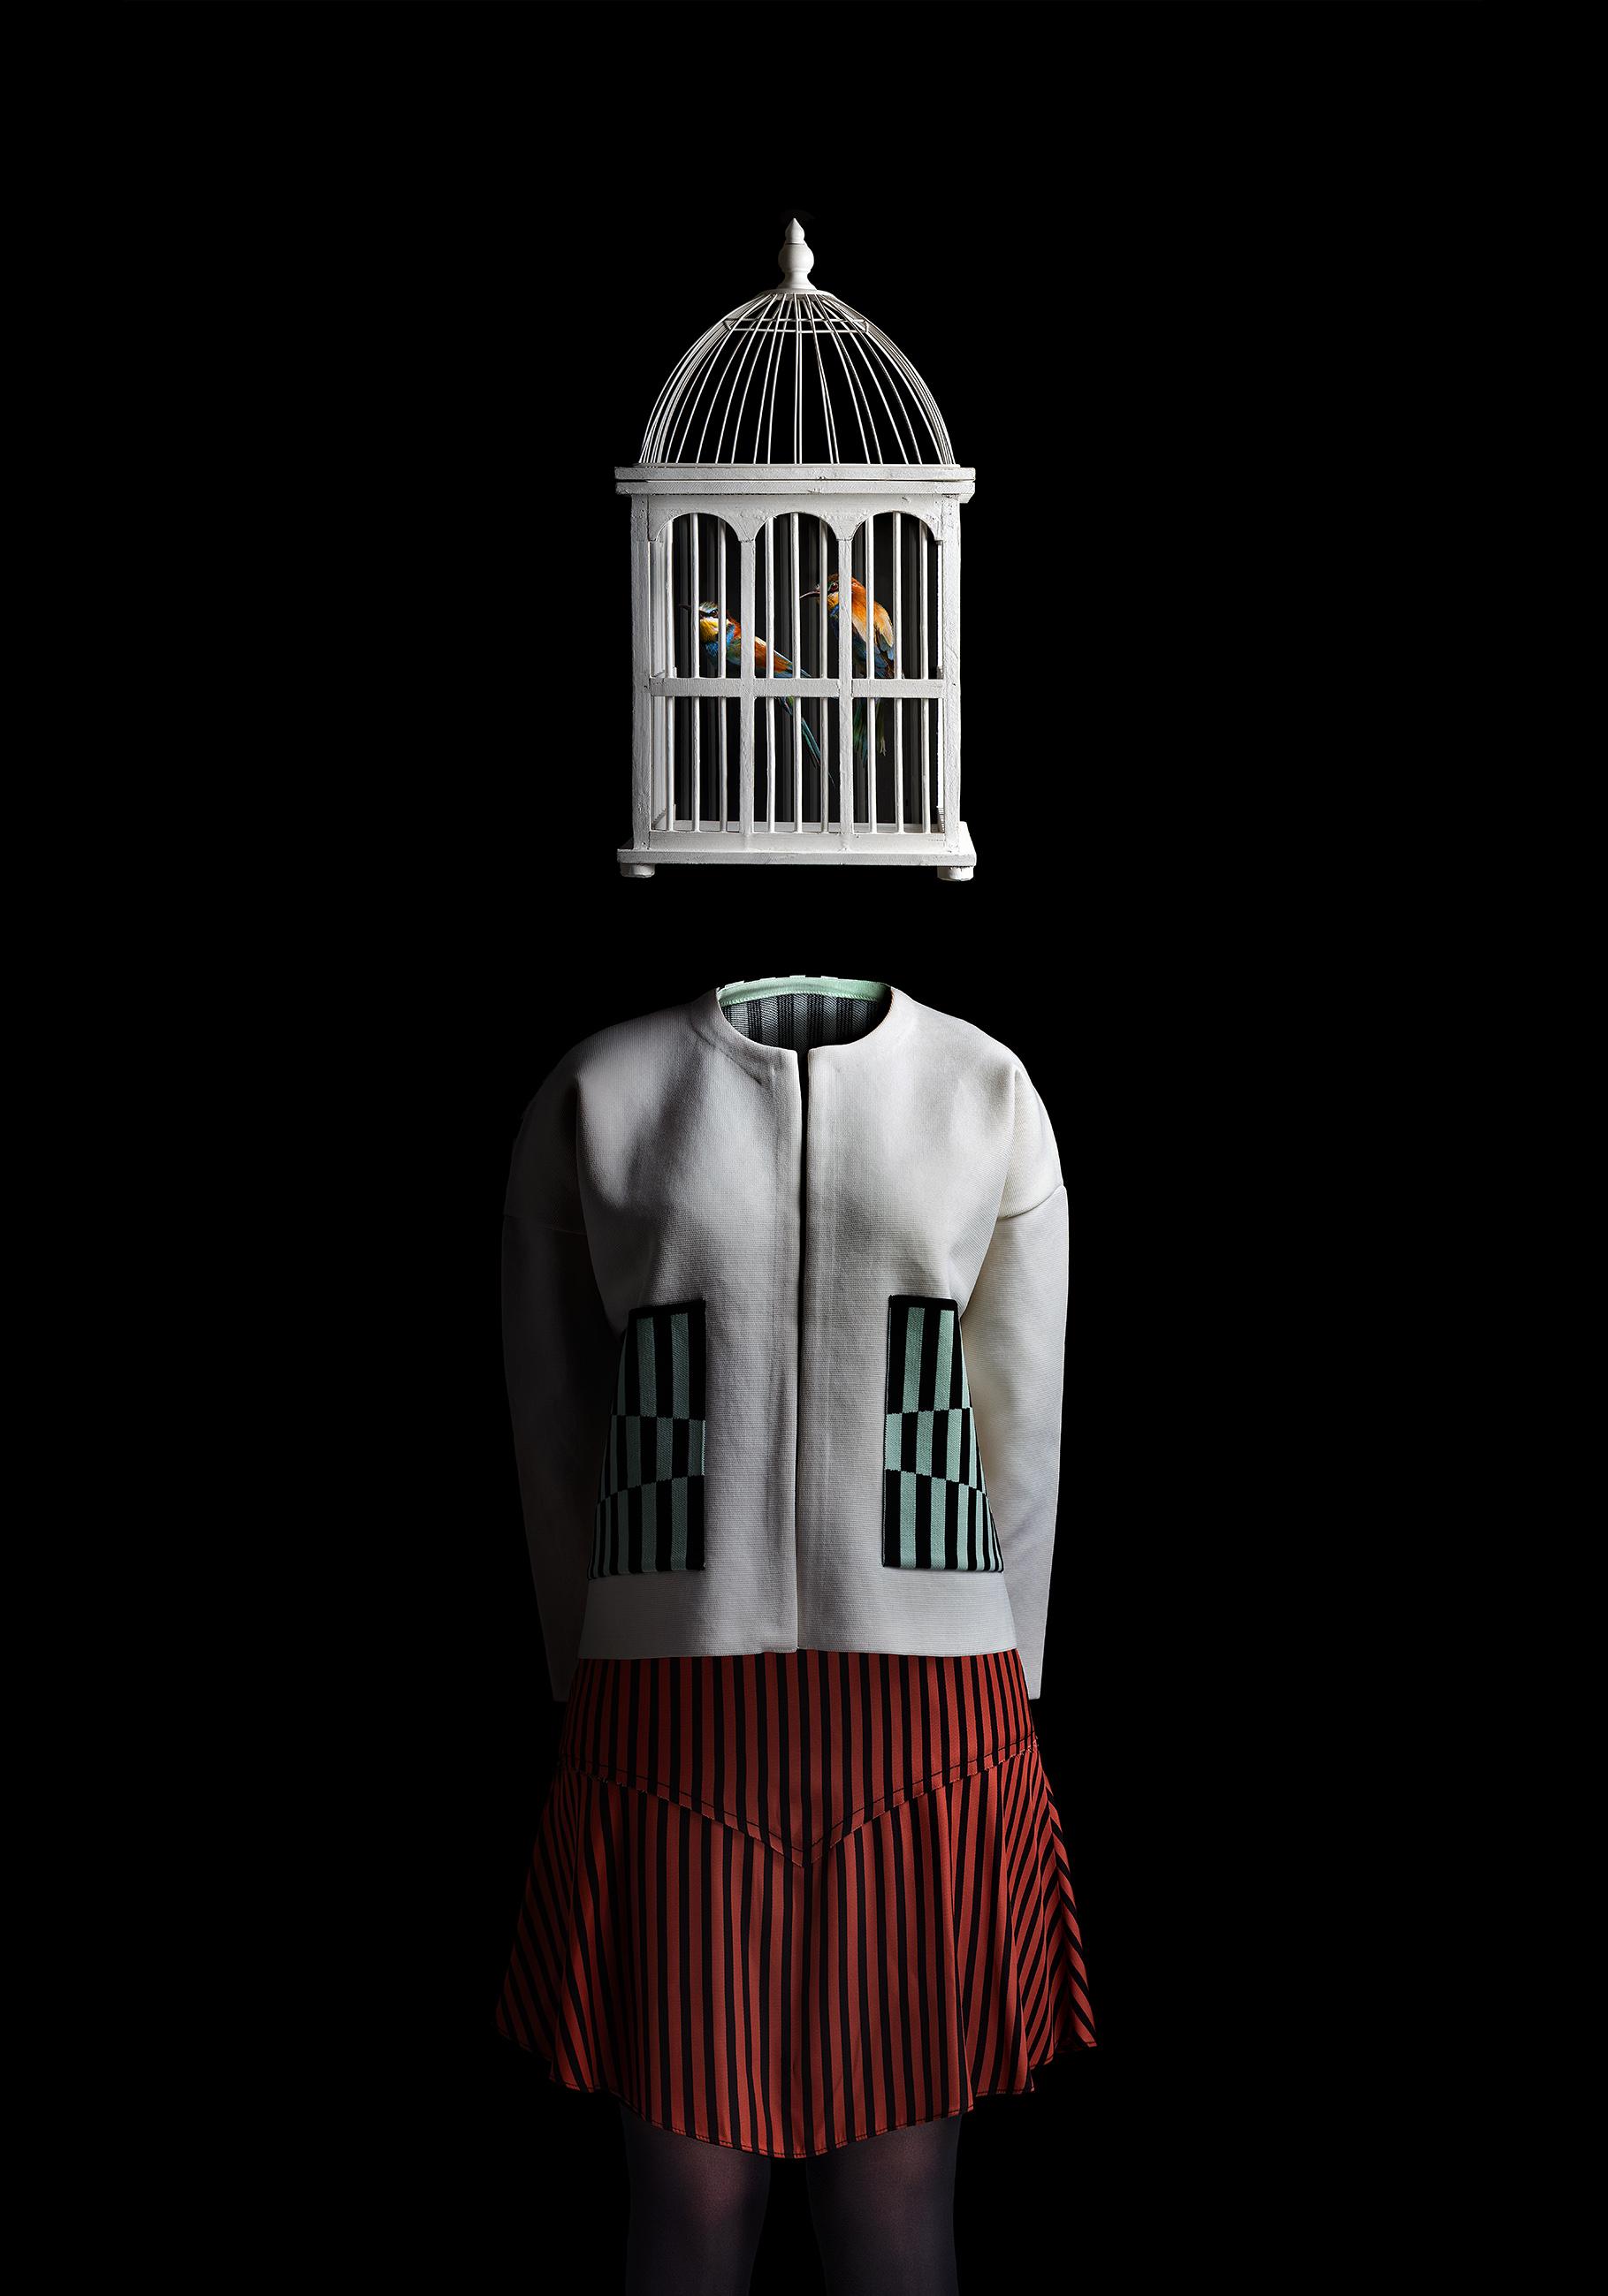 Ceci n'est pas une cage à oiseaux